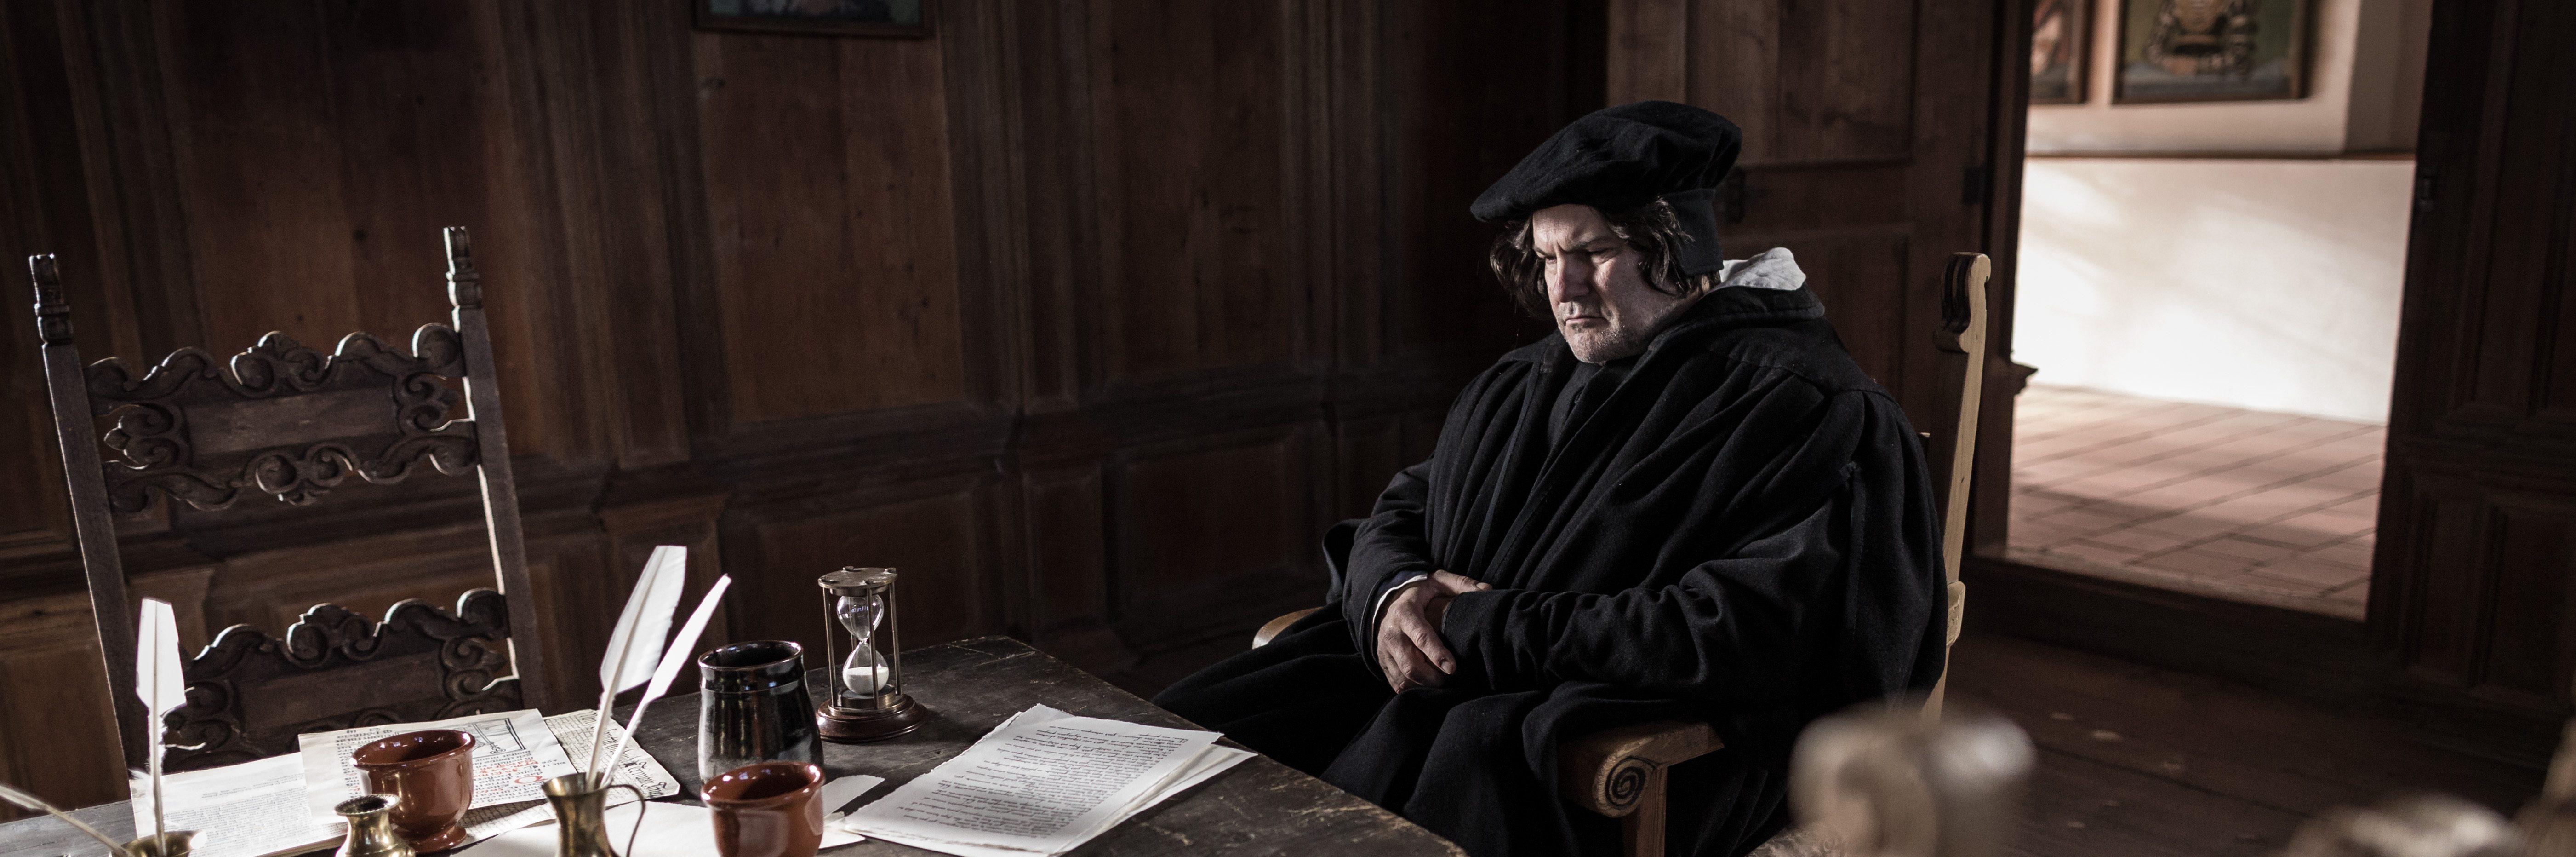 Der große Anfang – Das Feuer 500 Jahre Reformation (Teil 3/3)